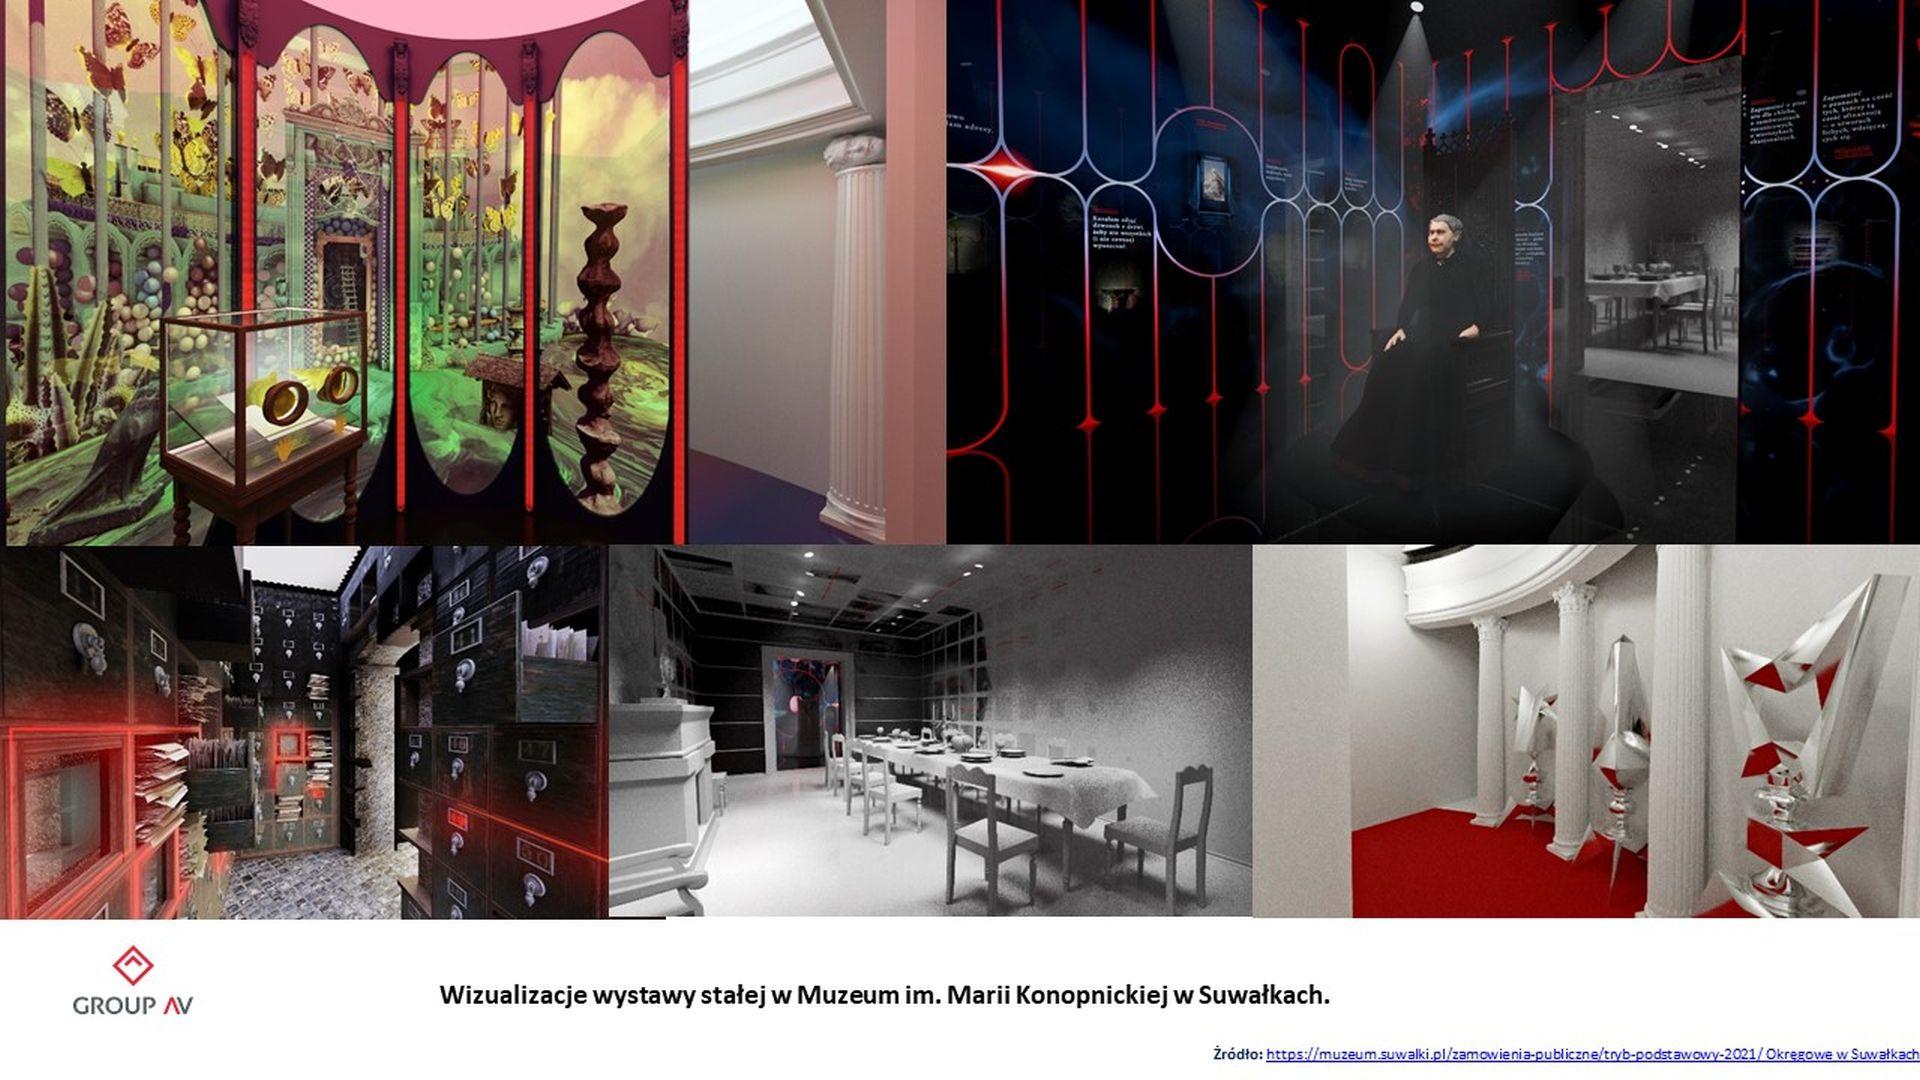 Podpisanie umowy na realizację wystawy stałej w Muzeum im. Marii Konopnickiej w Suwałkach